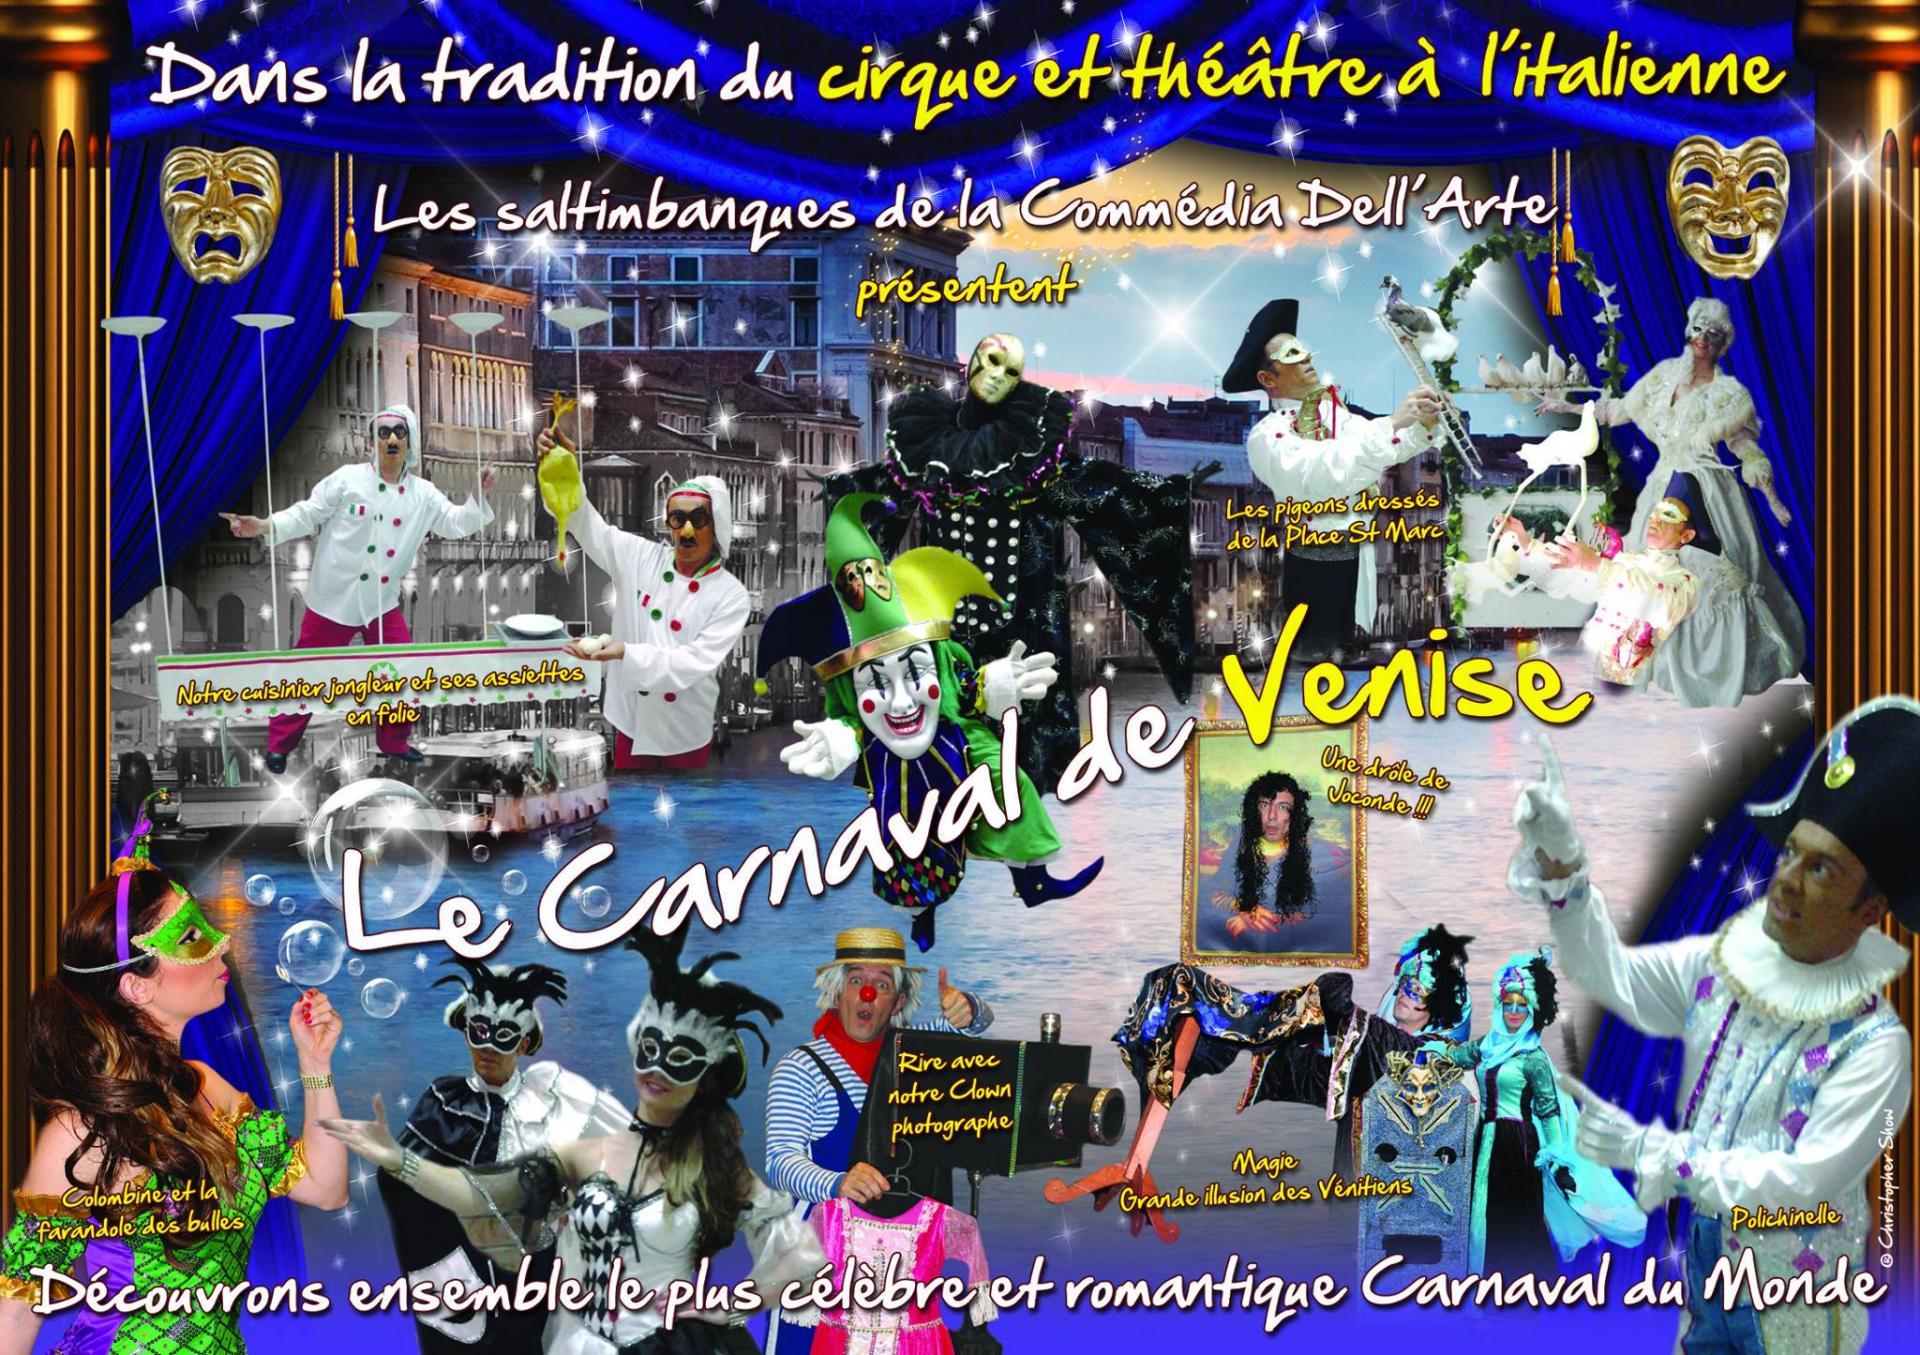 Publicite carnaval de venise